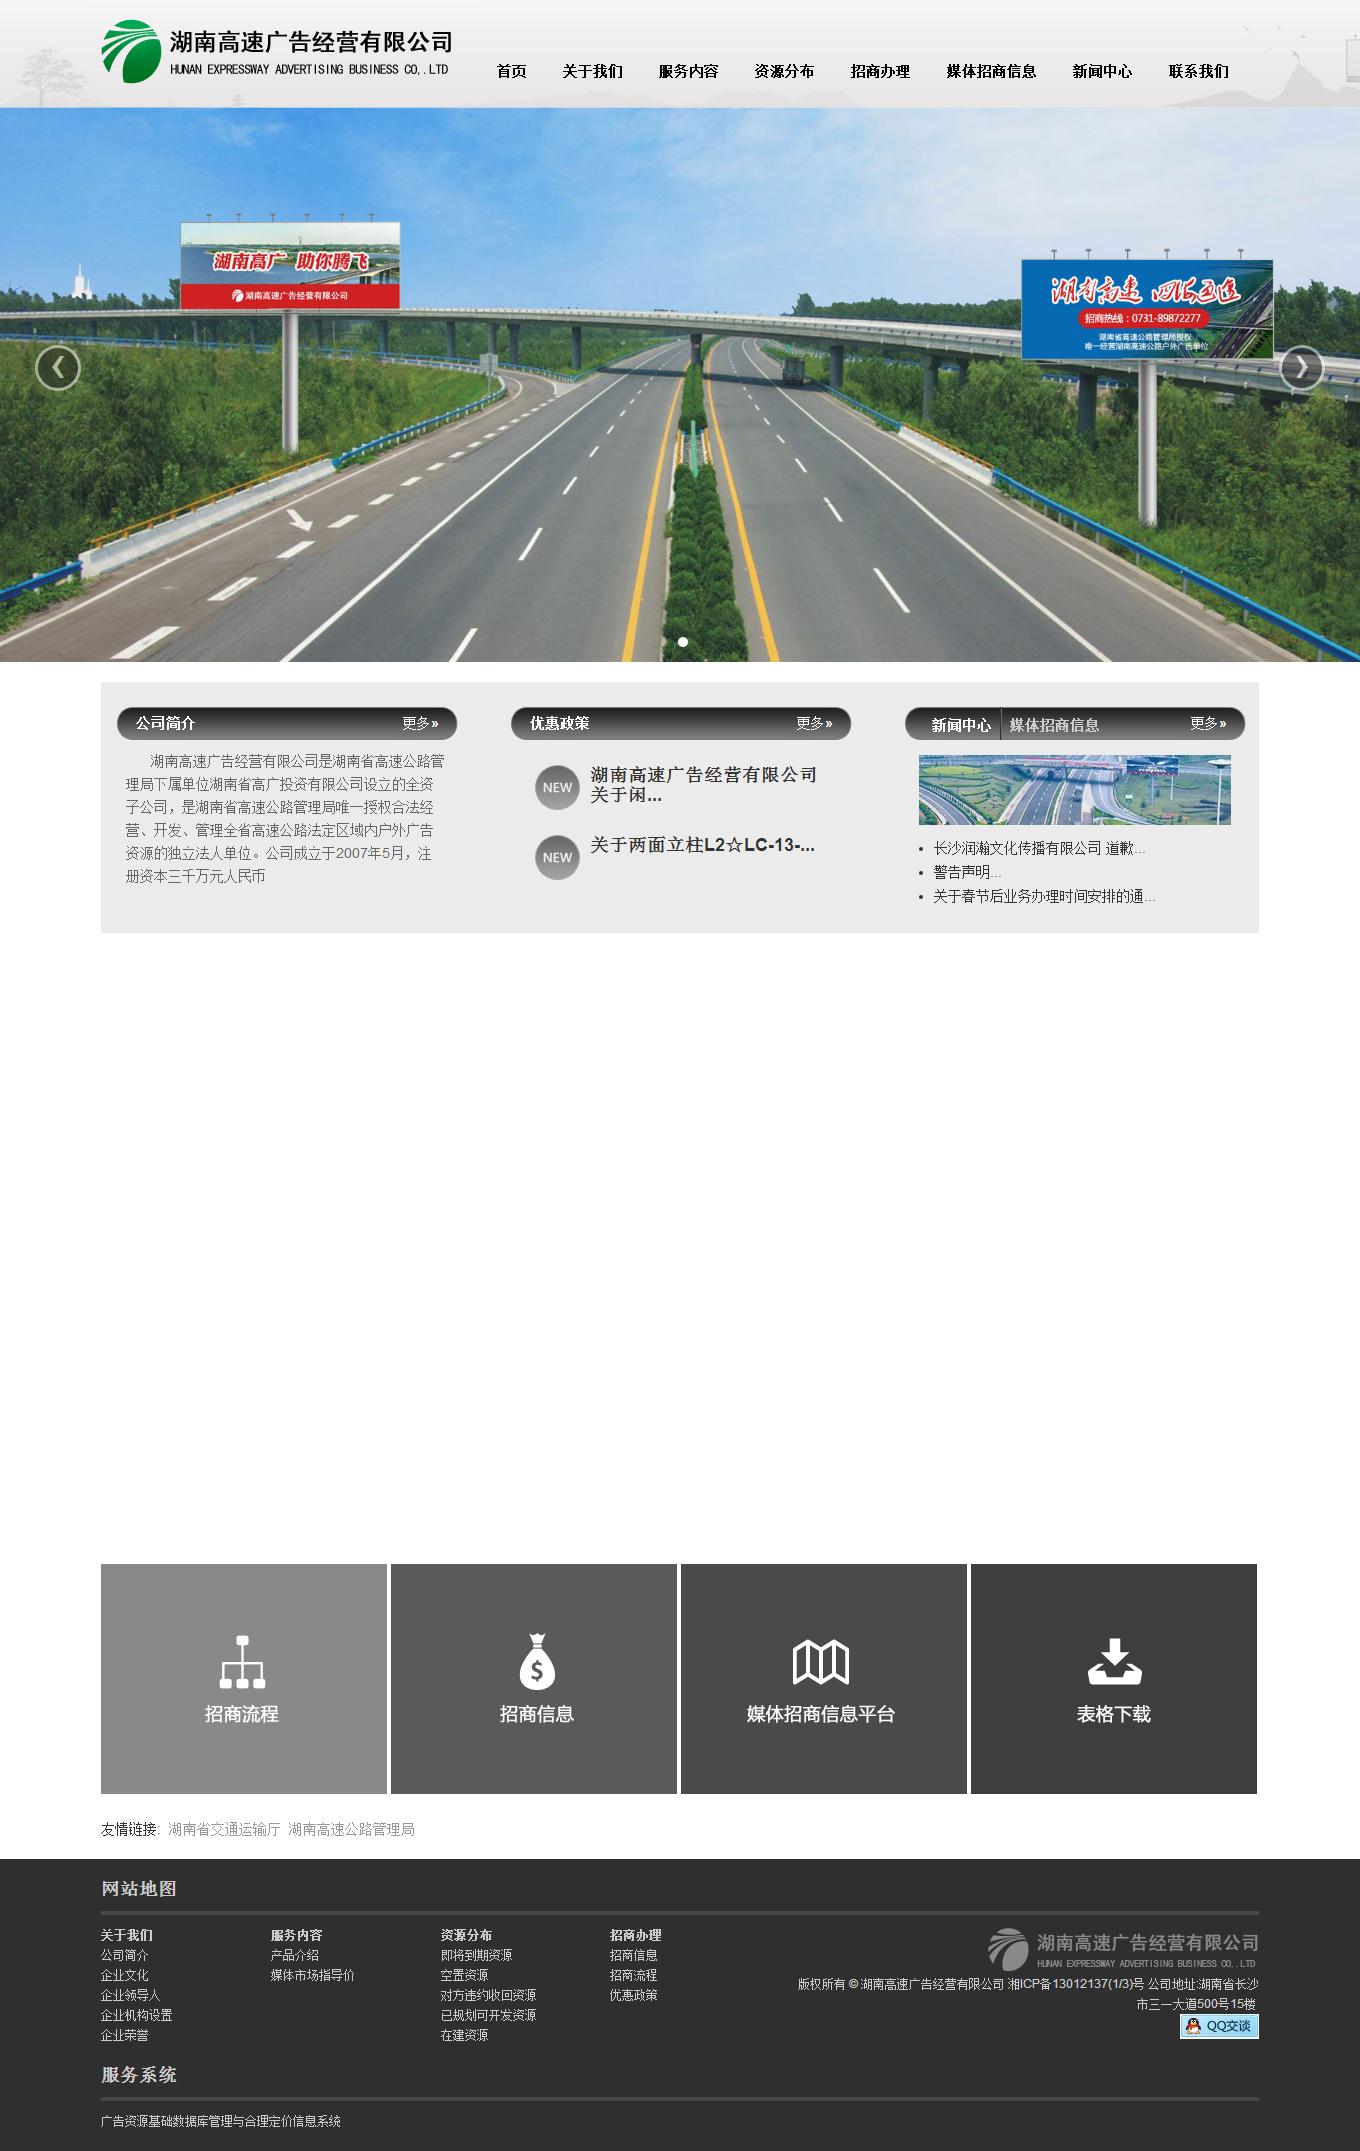 湖南高速广告经营有限公司 -- 湖南高速广告经营有限公司官方亿博国际客户端下载.png